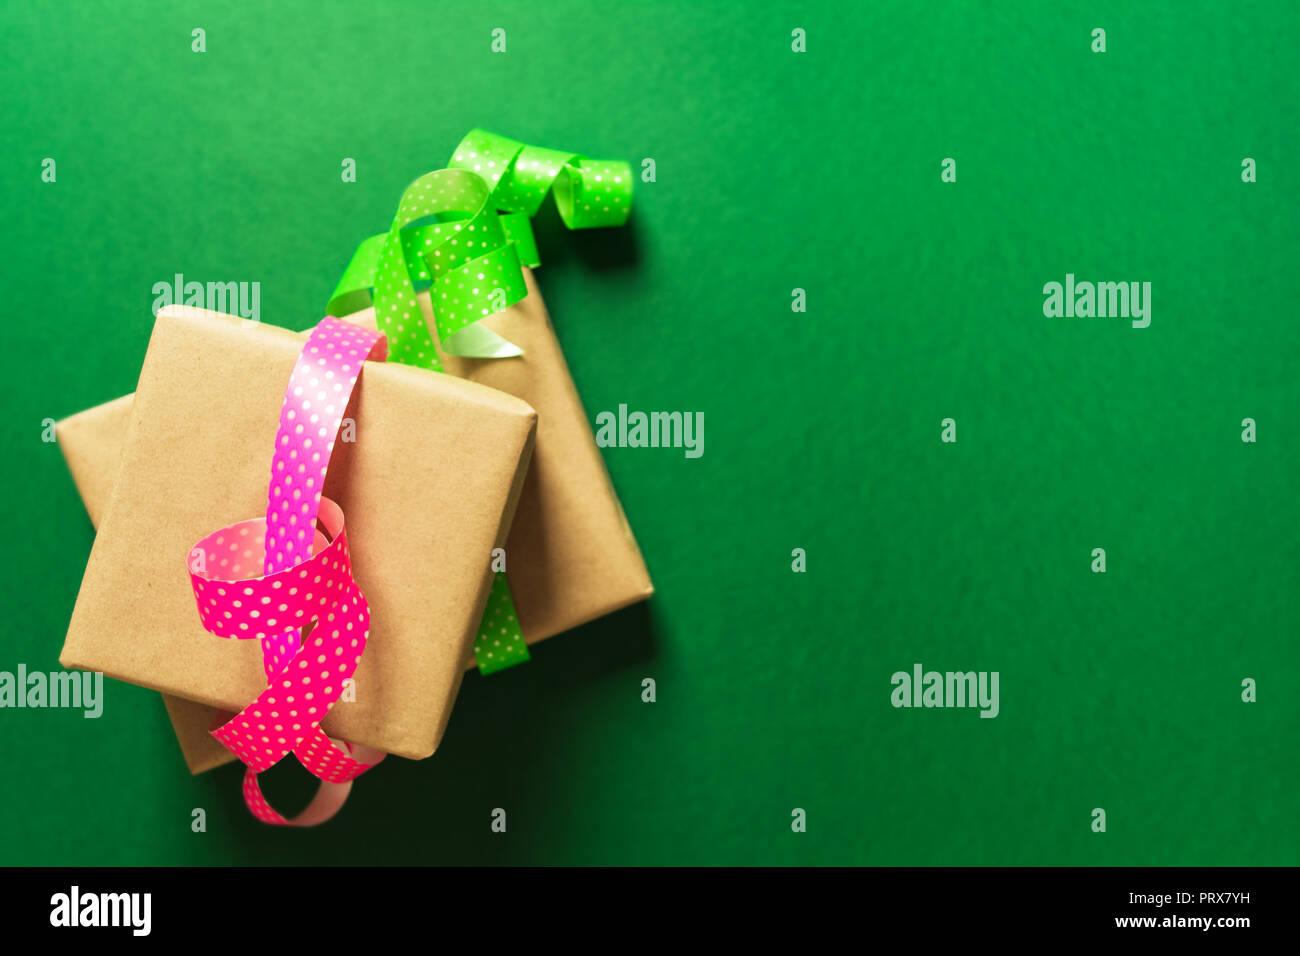 Envolver los regalos en papel artesanal con cintas sobre fondo verde, laicos plana Imagen De Stock